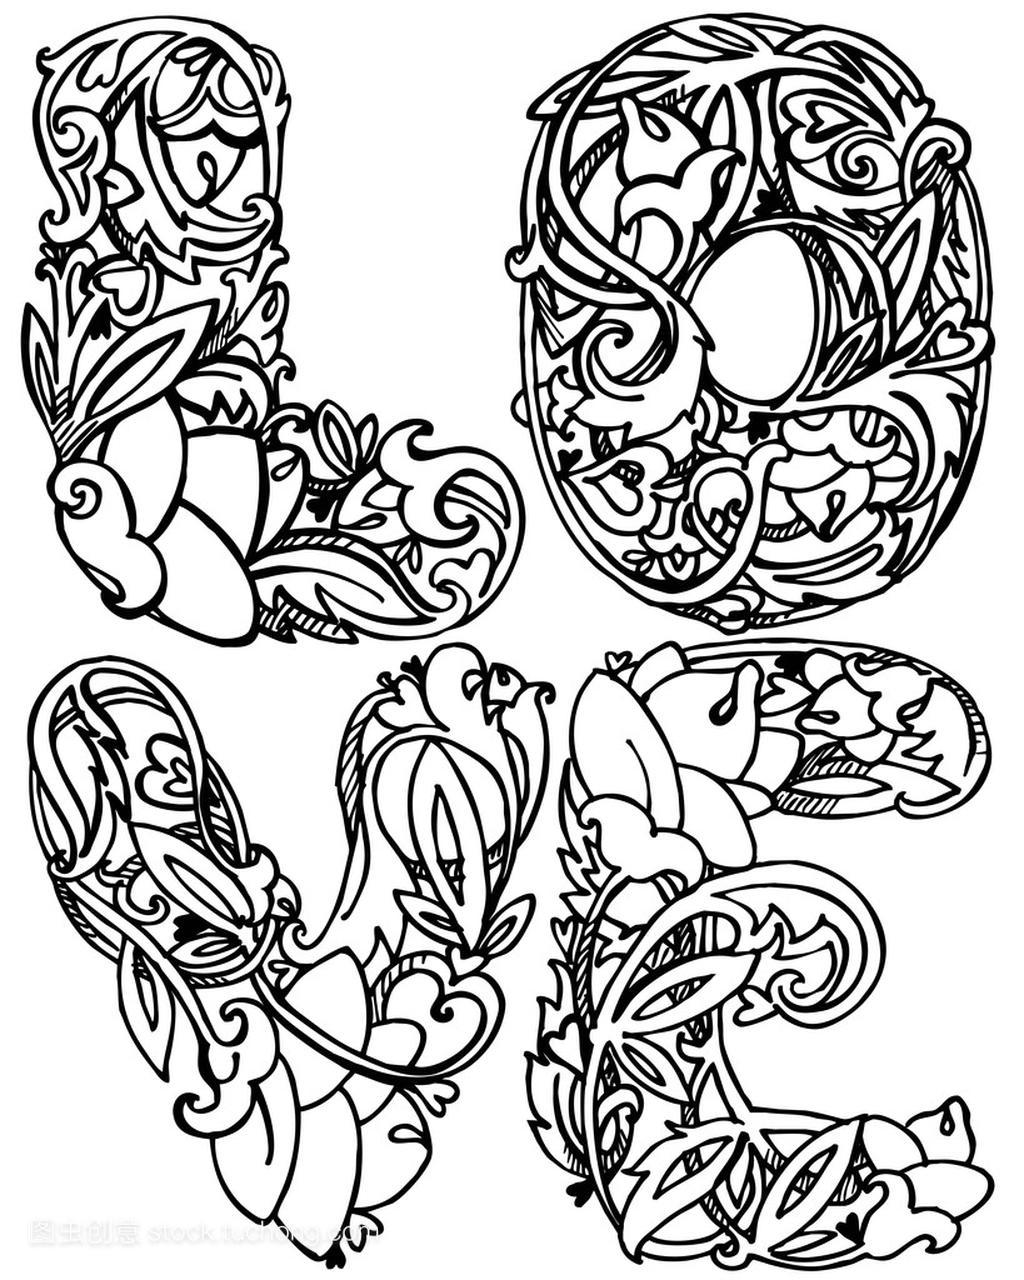 装饰性文本爱和花装饰。鸽子化显示图形的爱。文字棚v文本设计图图片